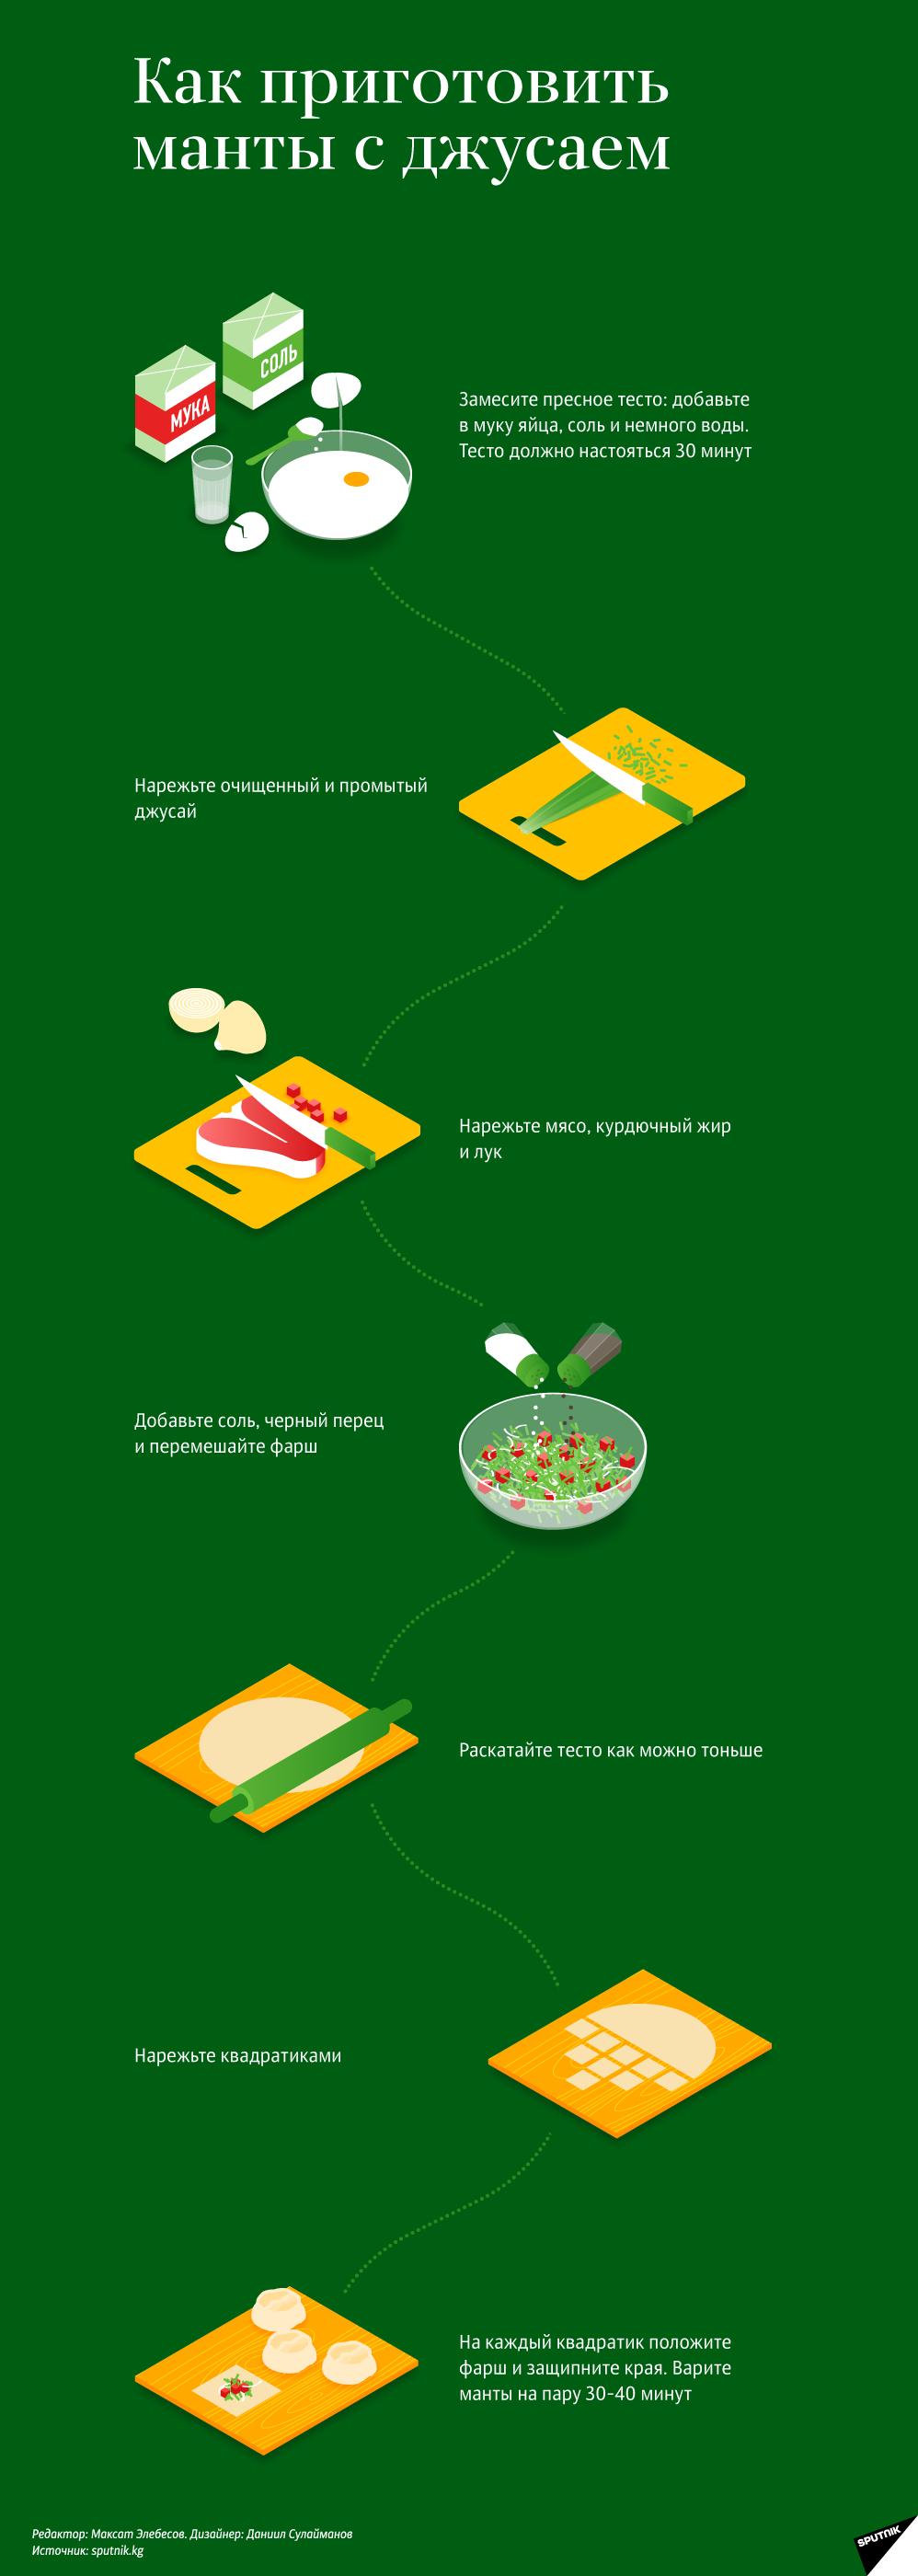 Рецепт мант с джусаем